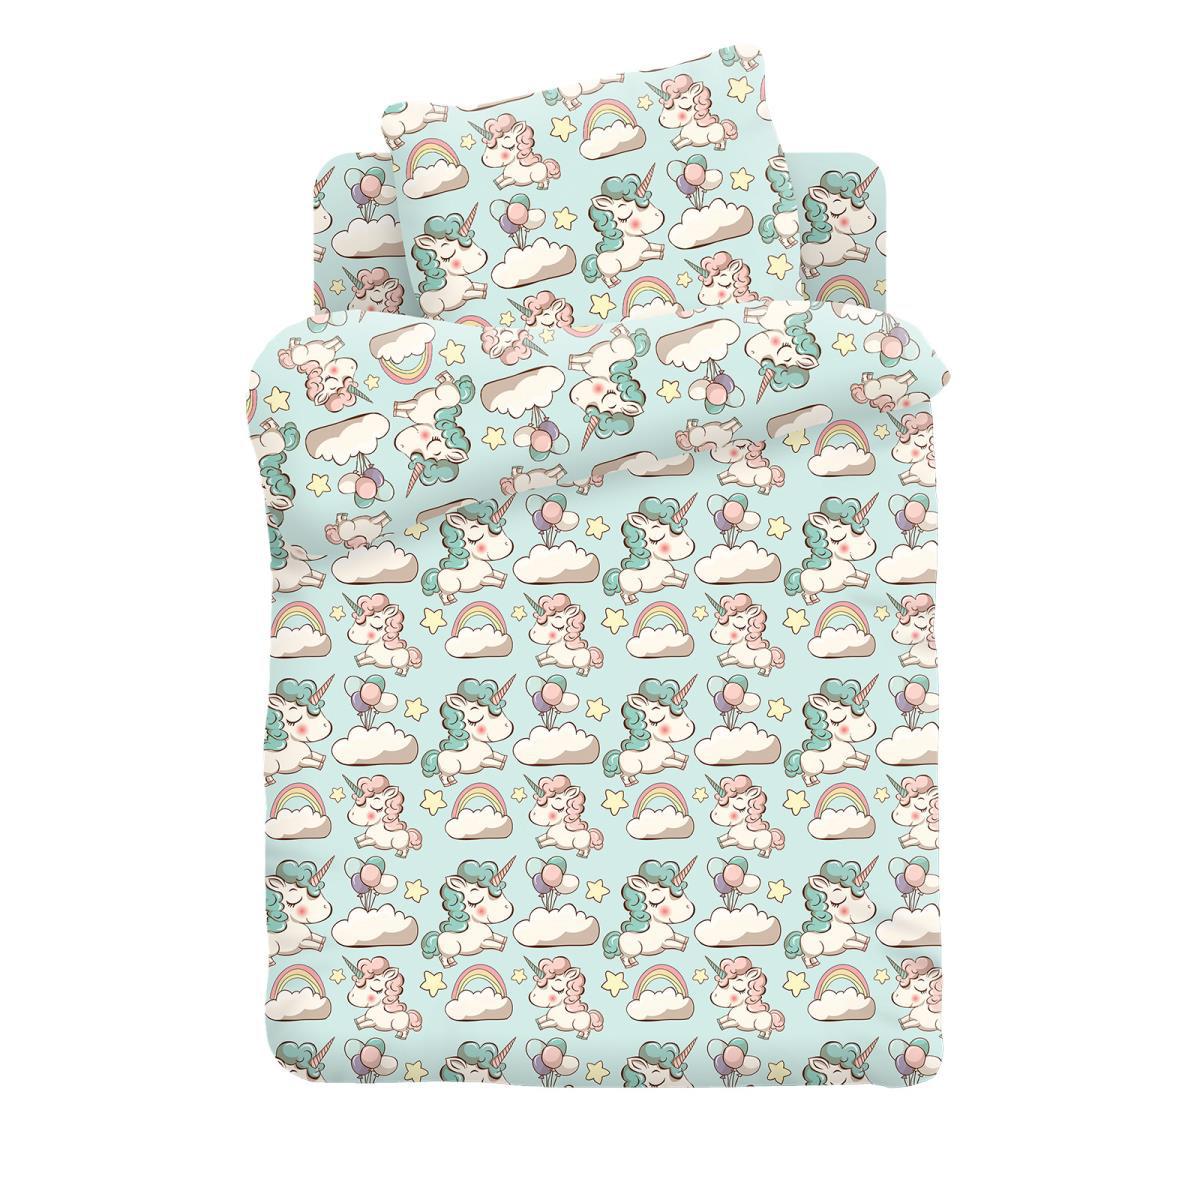 Купить Детское постельное белье Кошки-Мышки, Детское Постельное белье Единорожки (112х147 см), Россия, Бязь